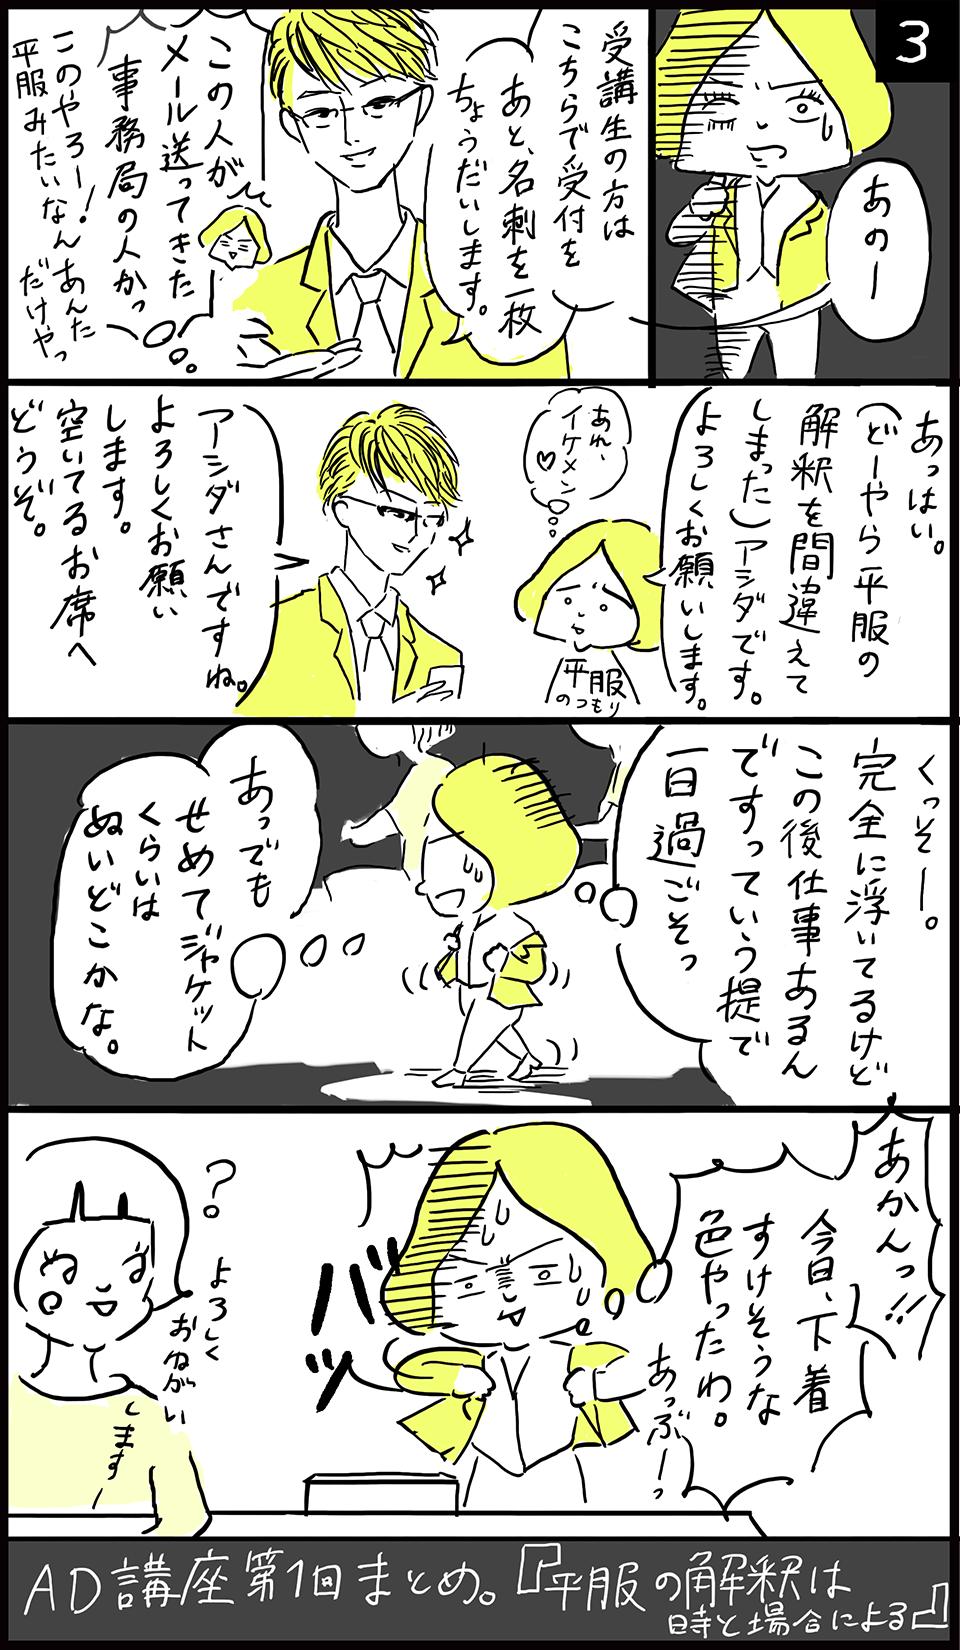 アートディレクター養成講座3